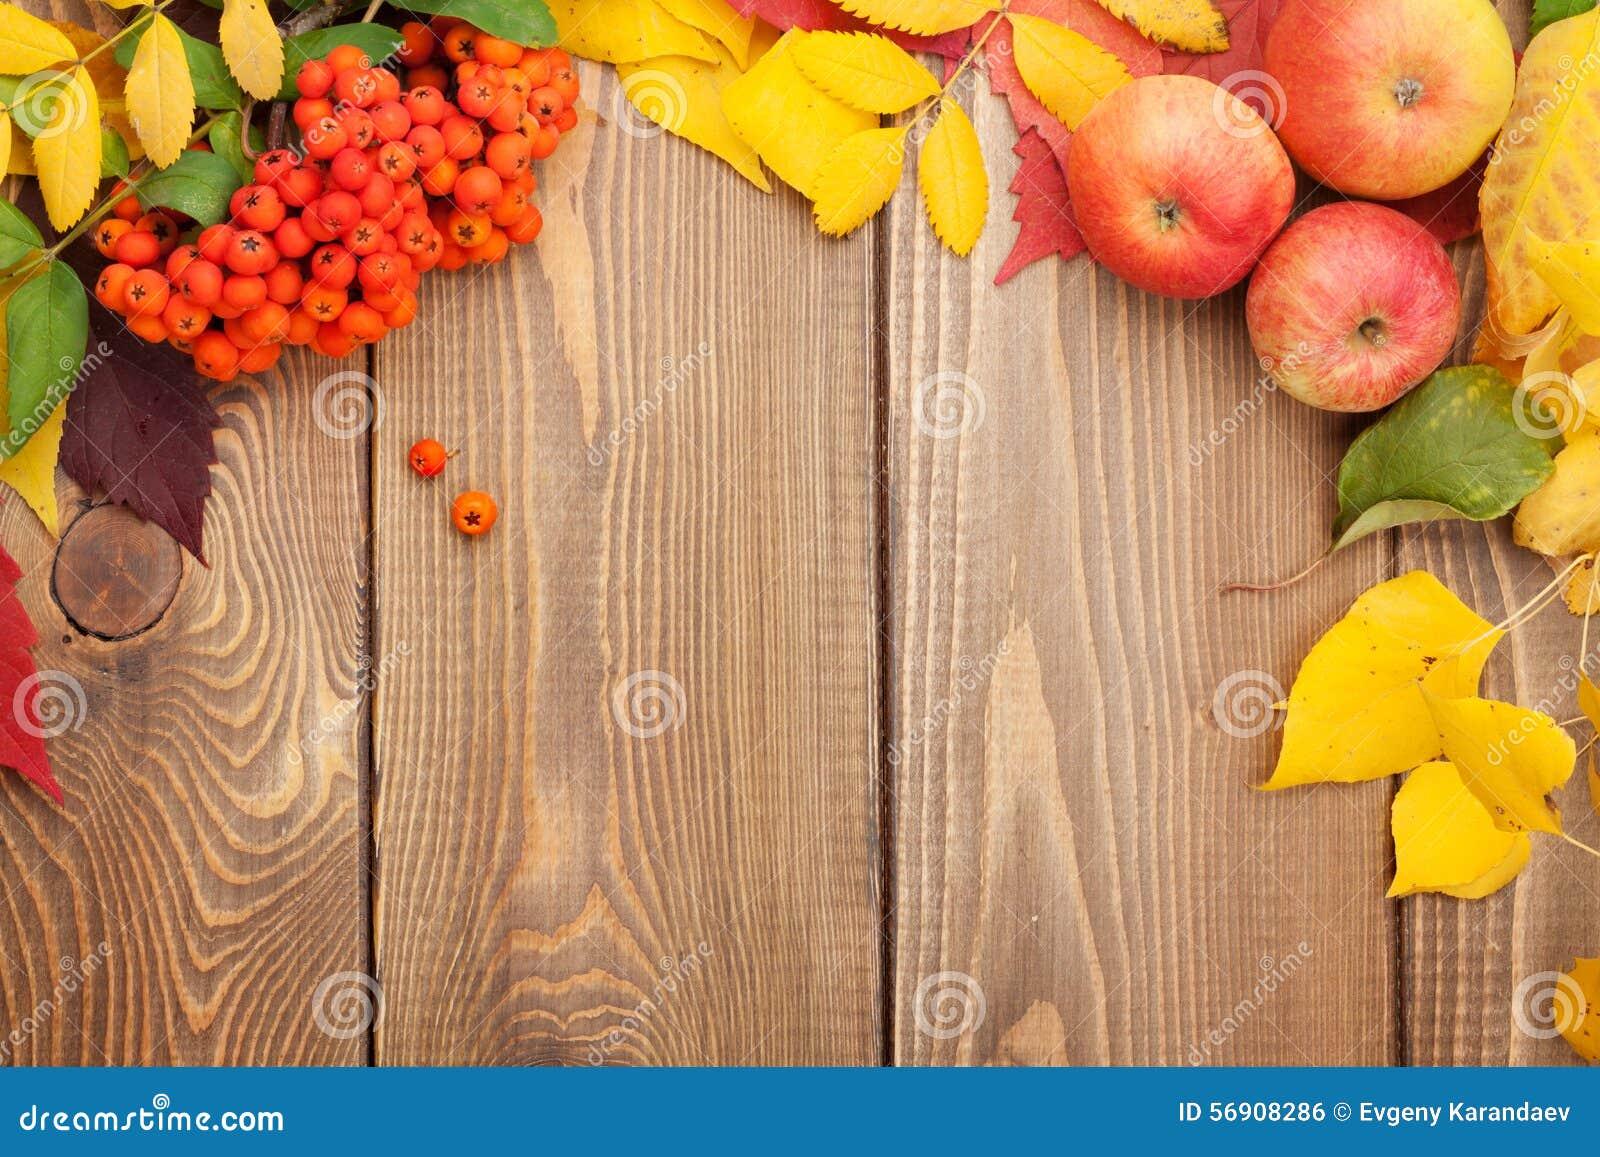 Φύλλα φθινοπώρου, μούρα σορβιών και μήλα πέρα από το ξύλινο υπόβαθρο